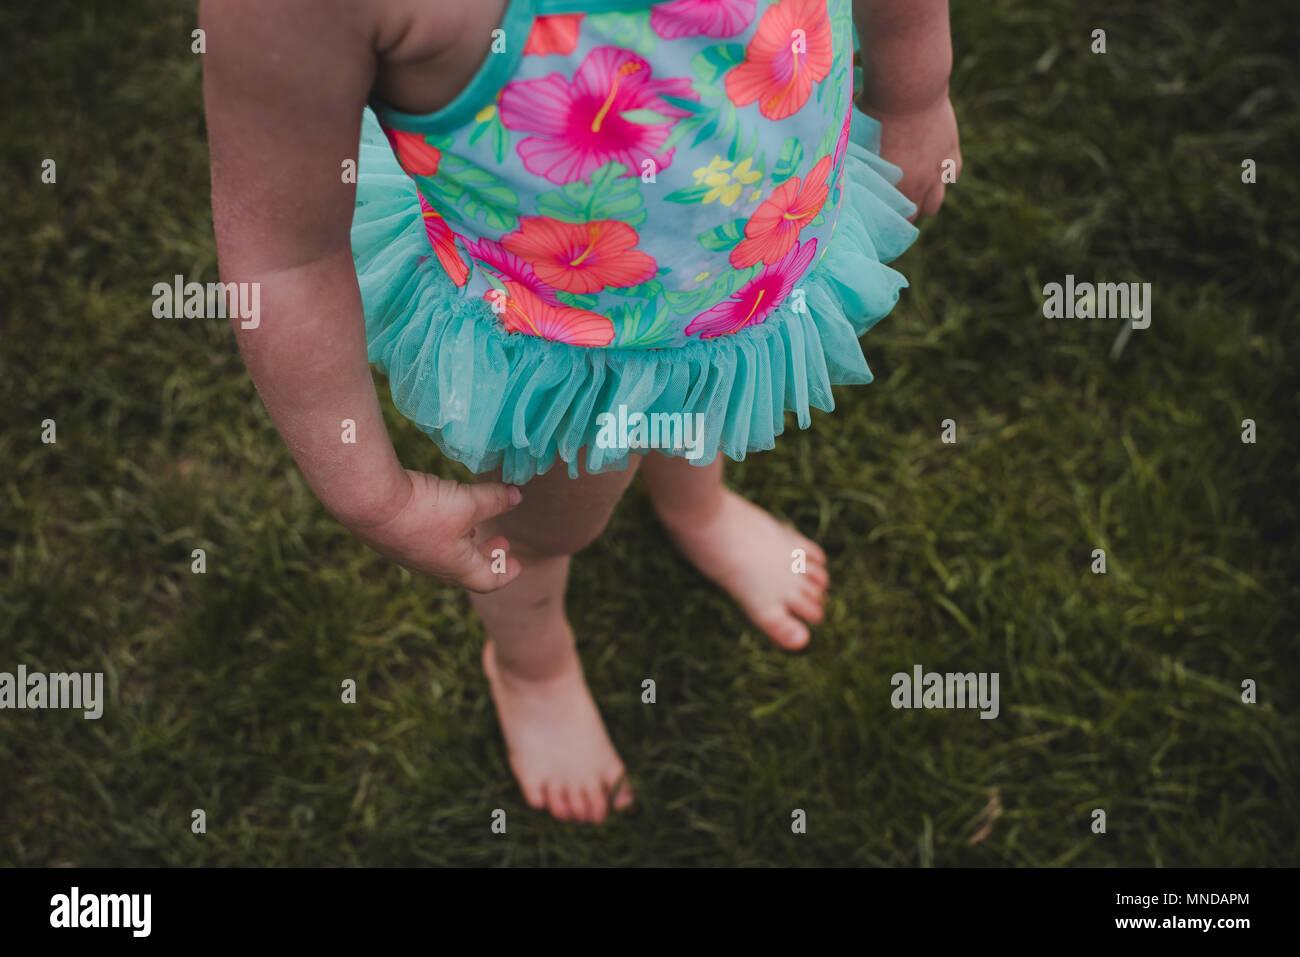 Un bébé fille portant un maillot de couleur avec des fleurs sur elle. Photo Stock